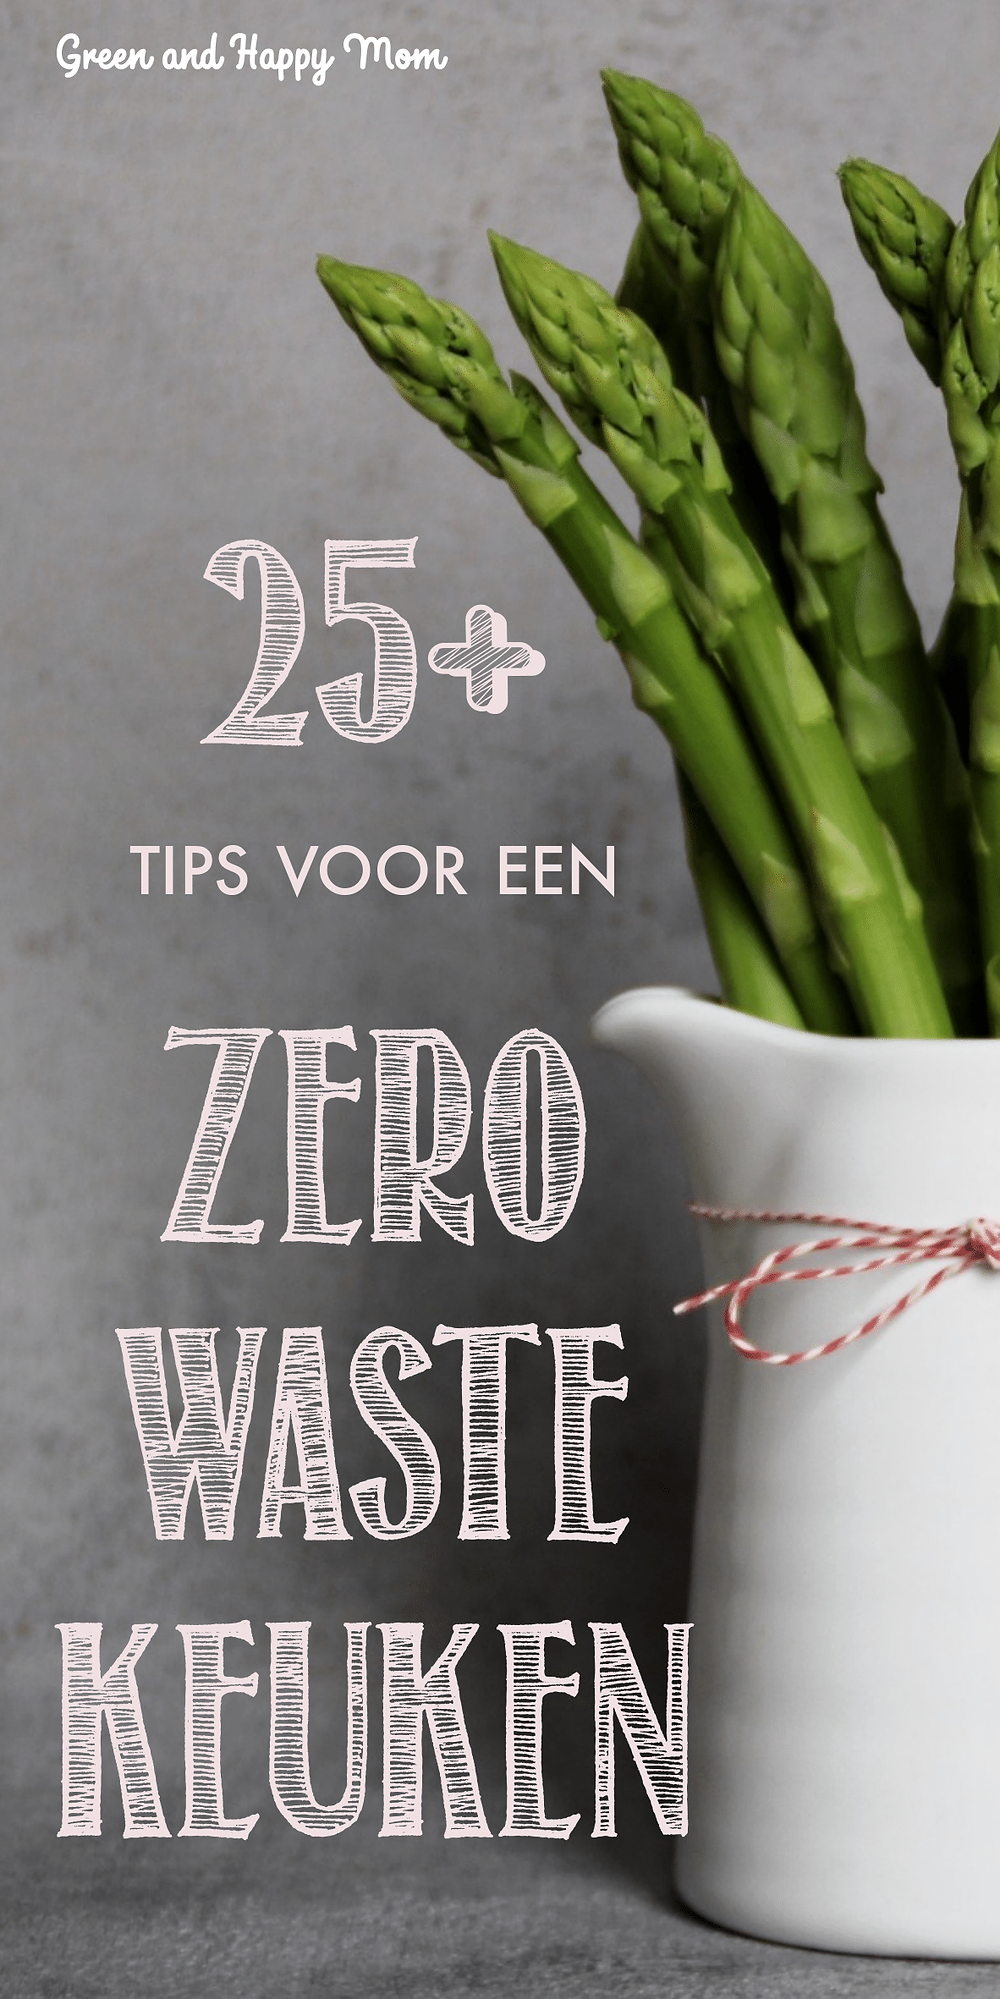 25 Tips voor een Duurzame Keuken